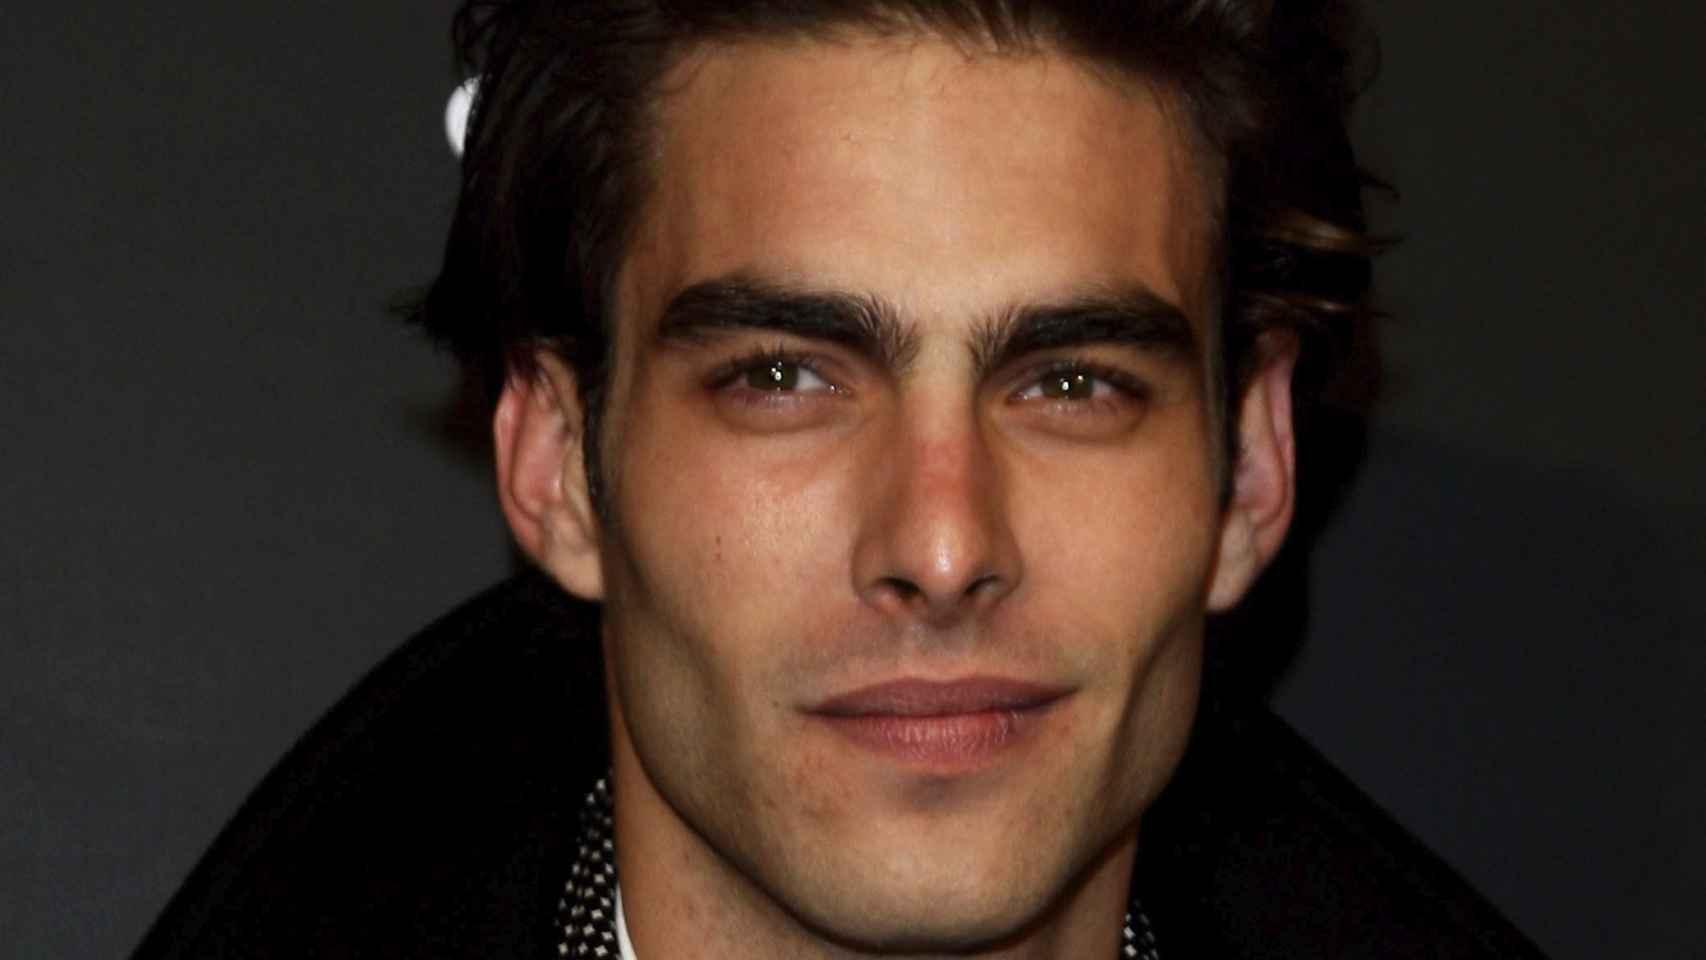 El modelo Jon Kortajarena el 11 de enero de 2010 en Milán, Italia. iStock